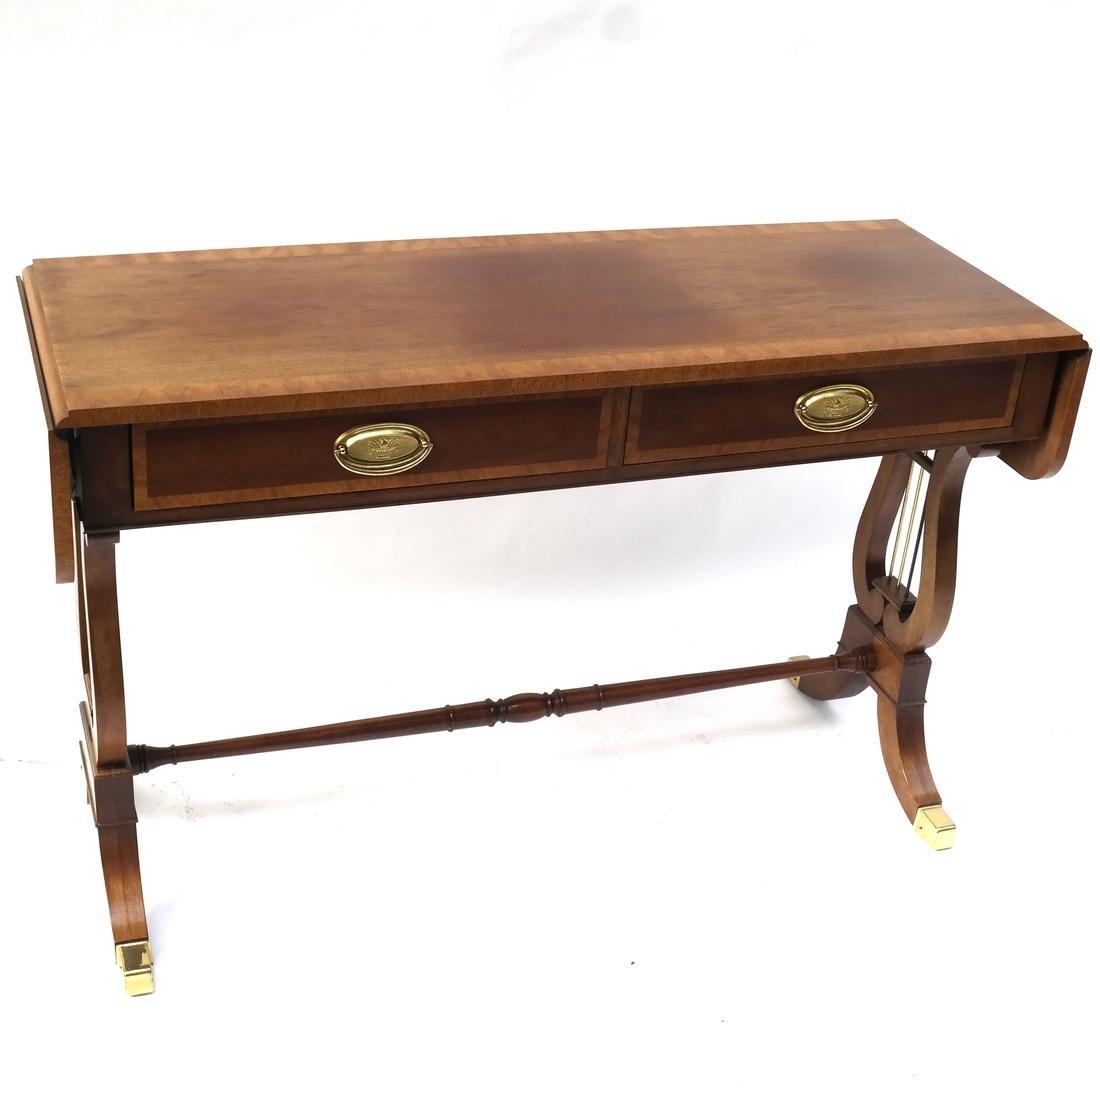 Regency-Style Sofa Table by Baker